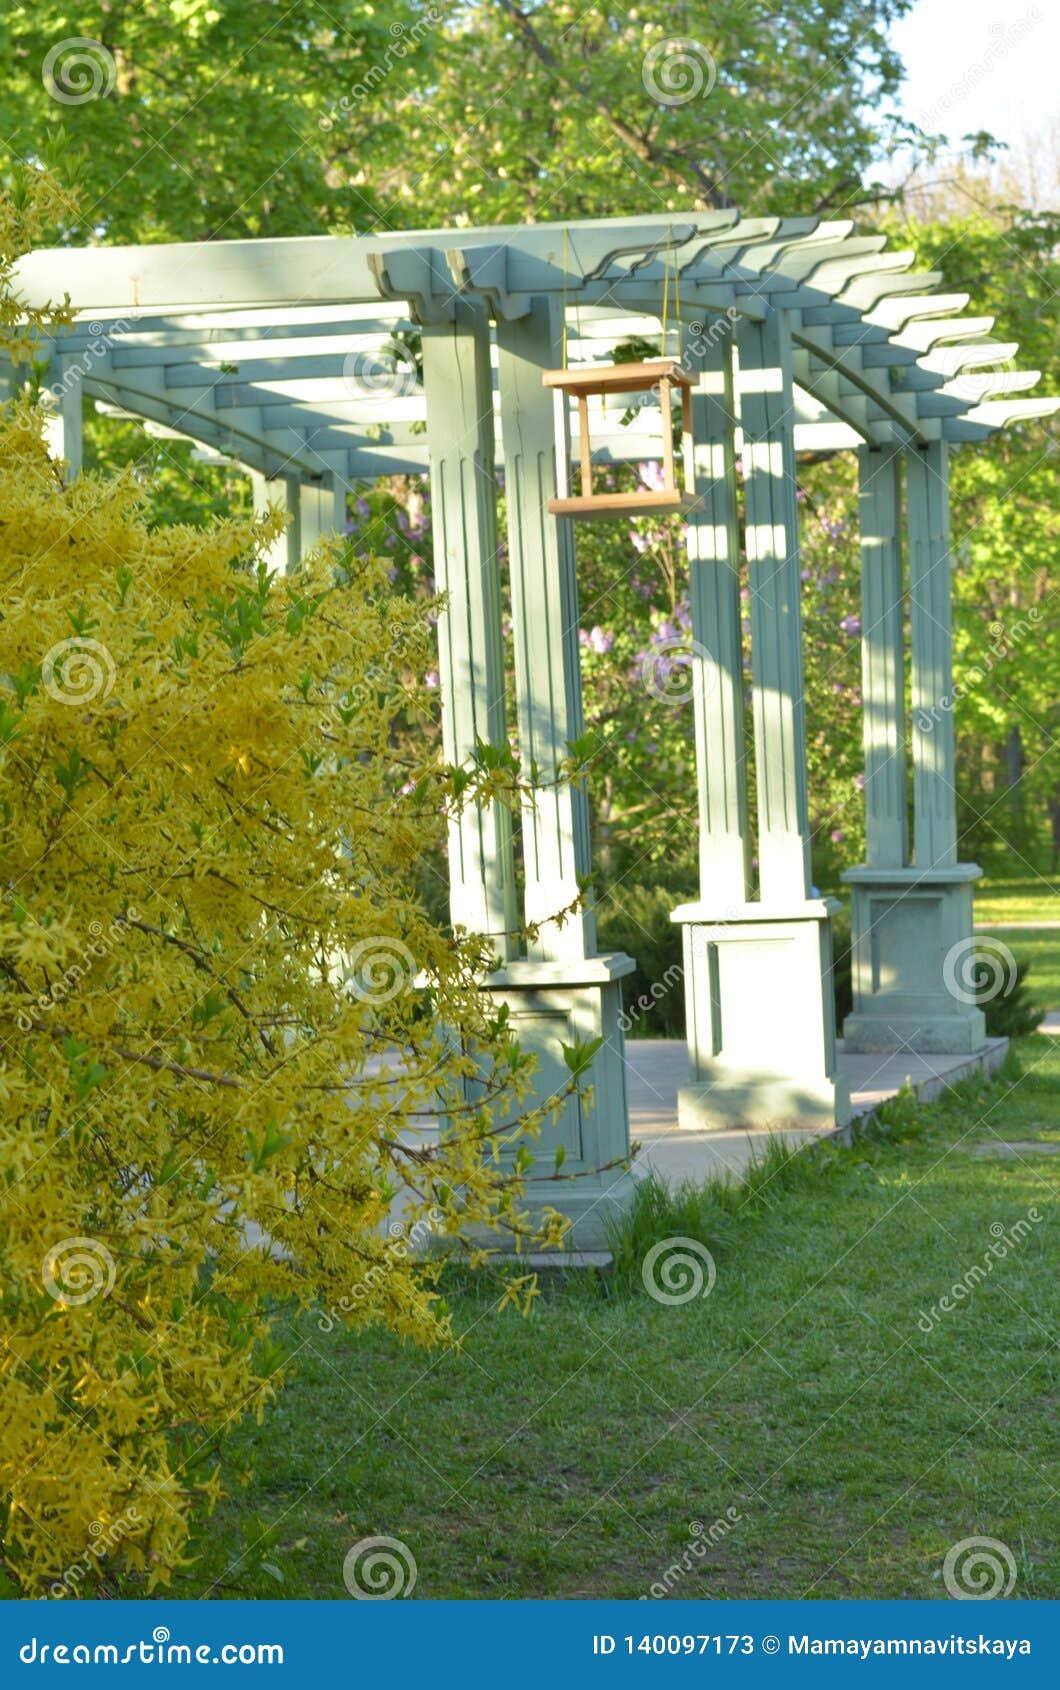 Cenador de madera en un parque verde en día de verano soleado landscaping